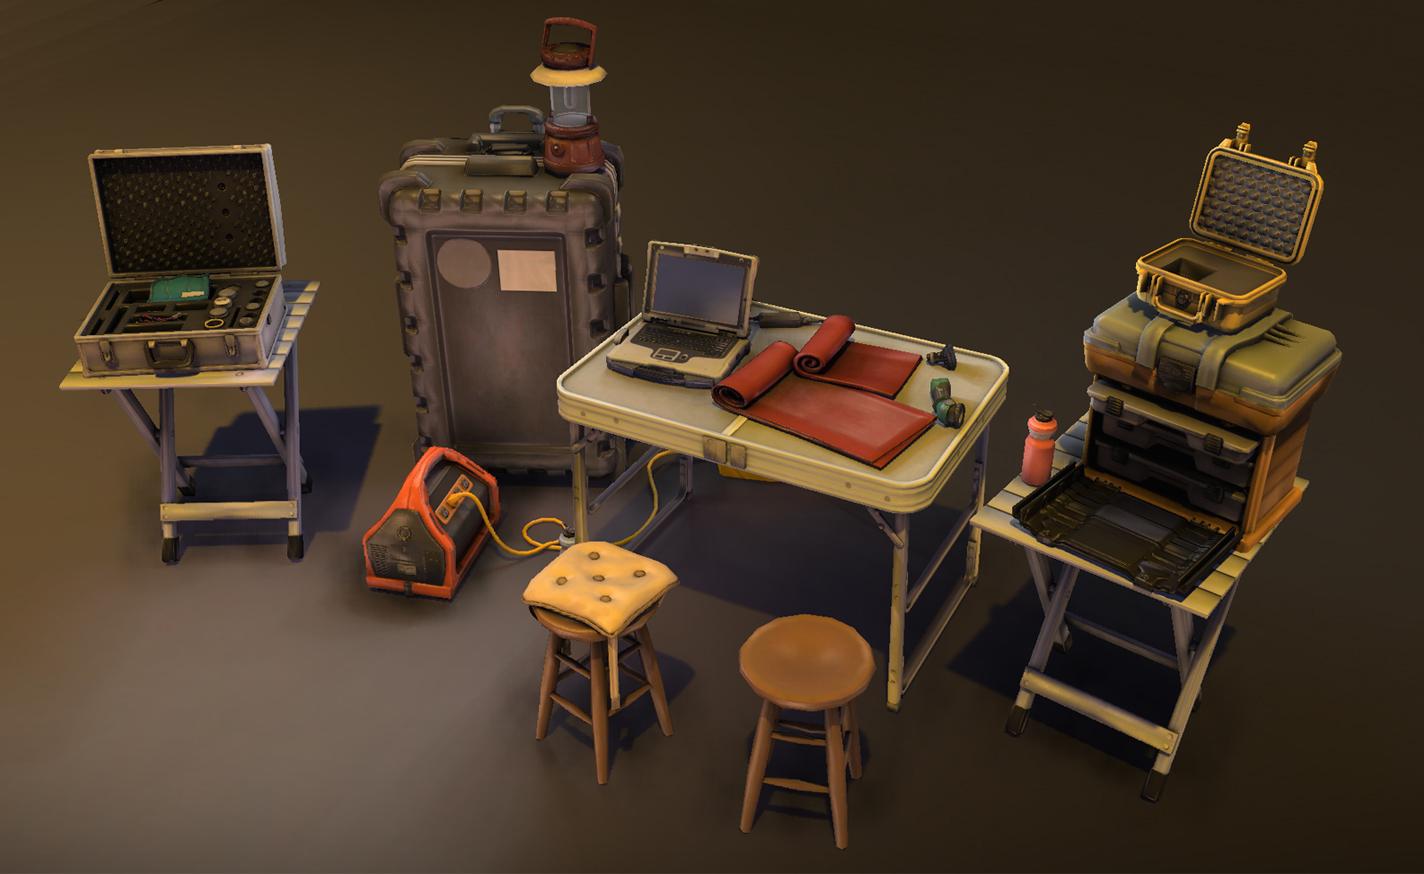 Equipment0.jpg